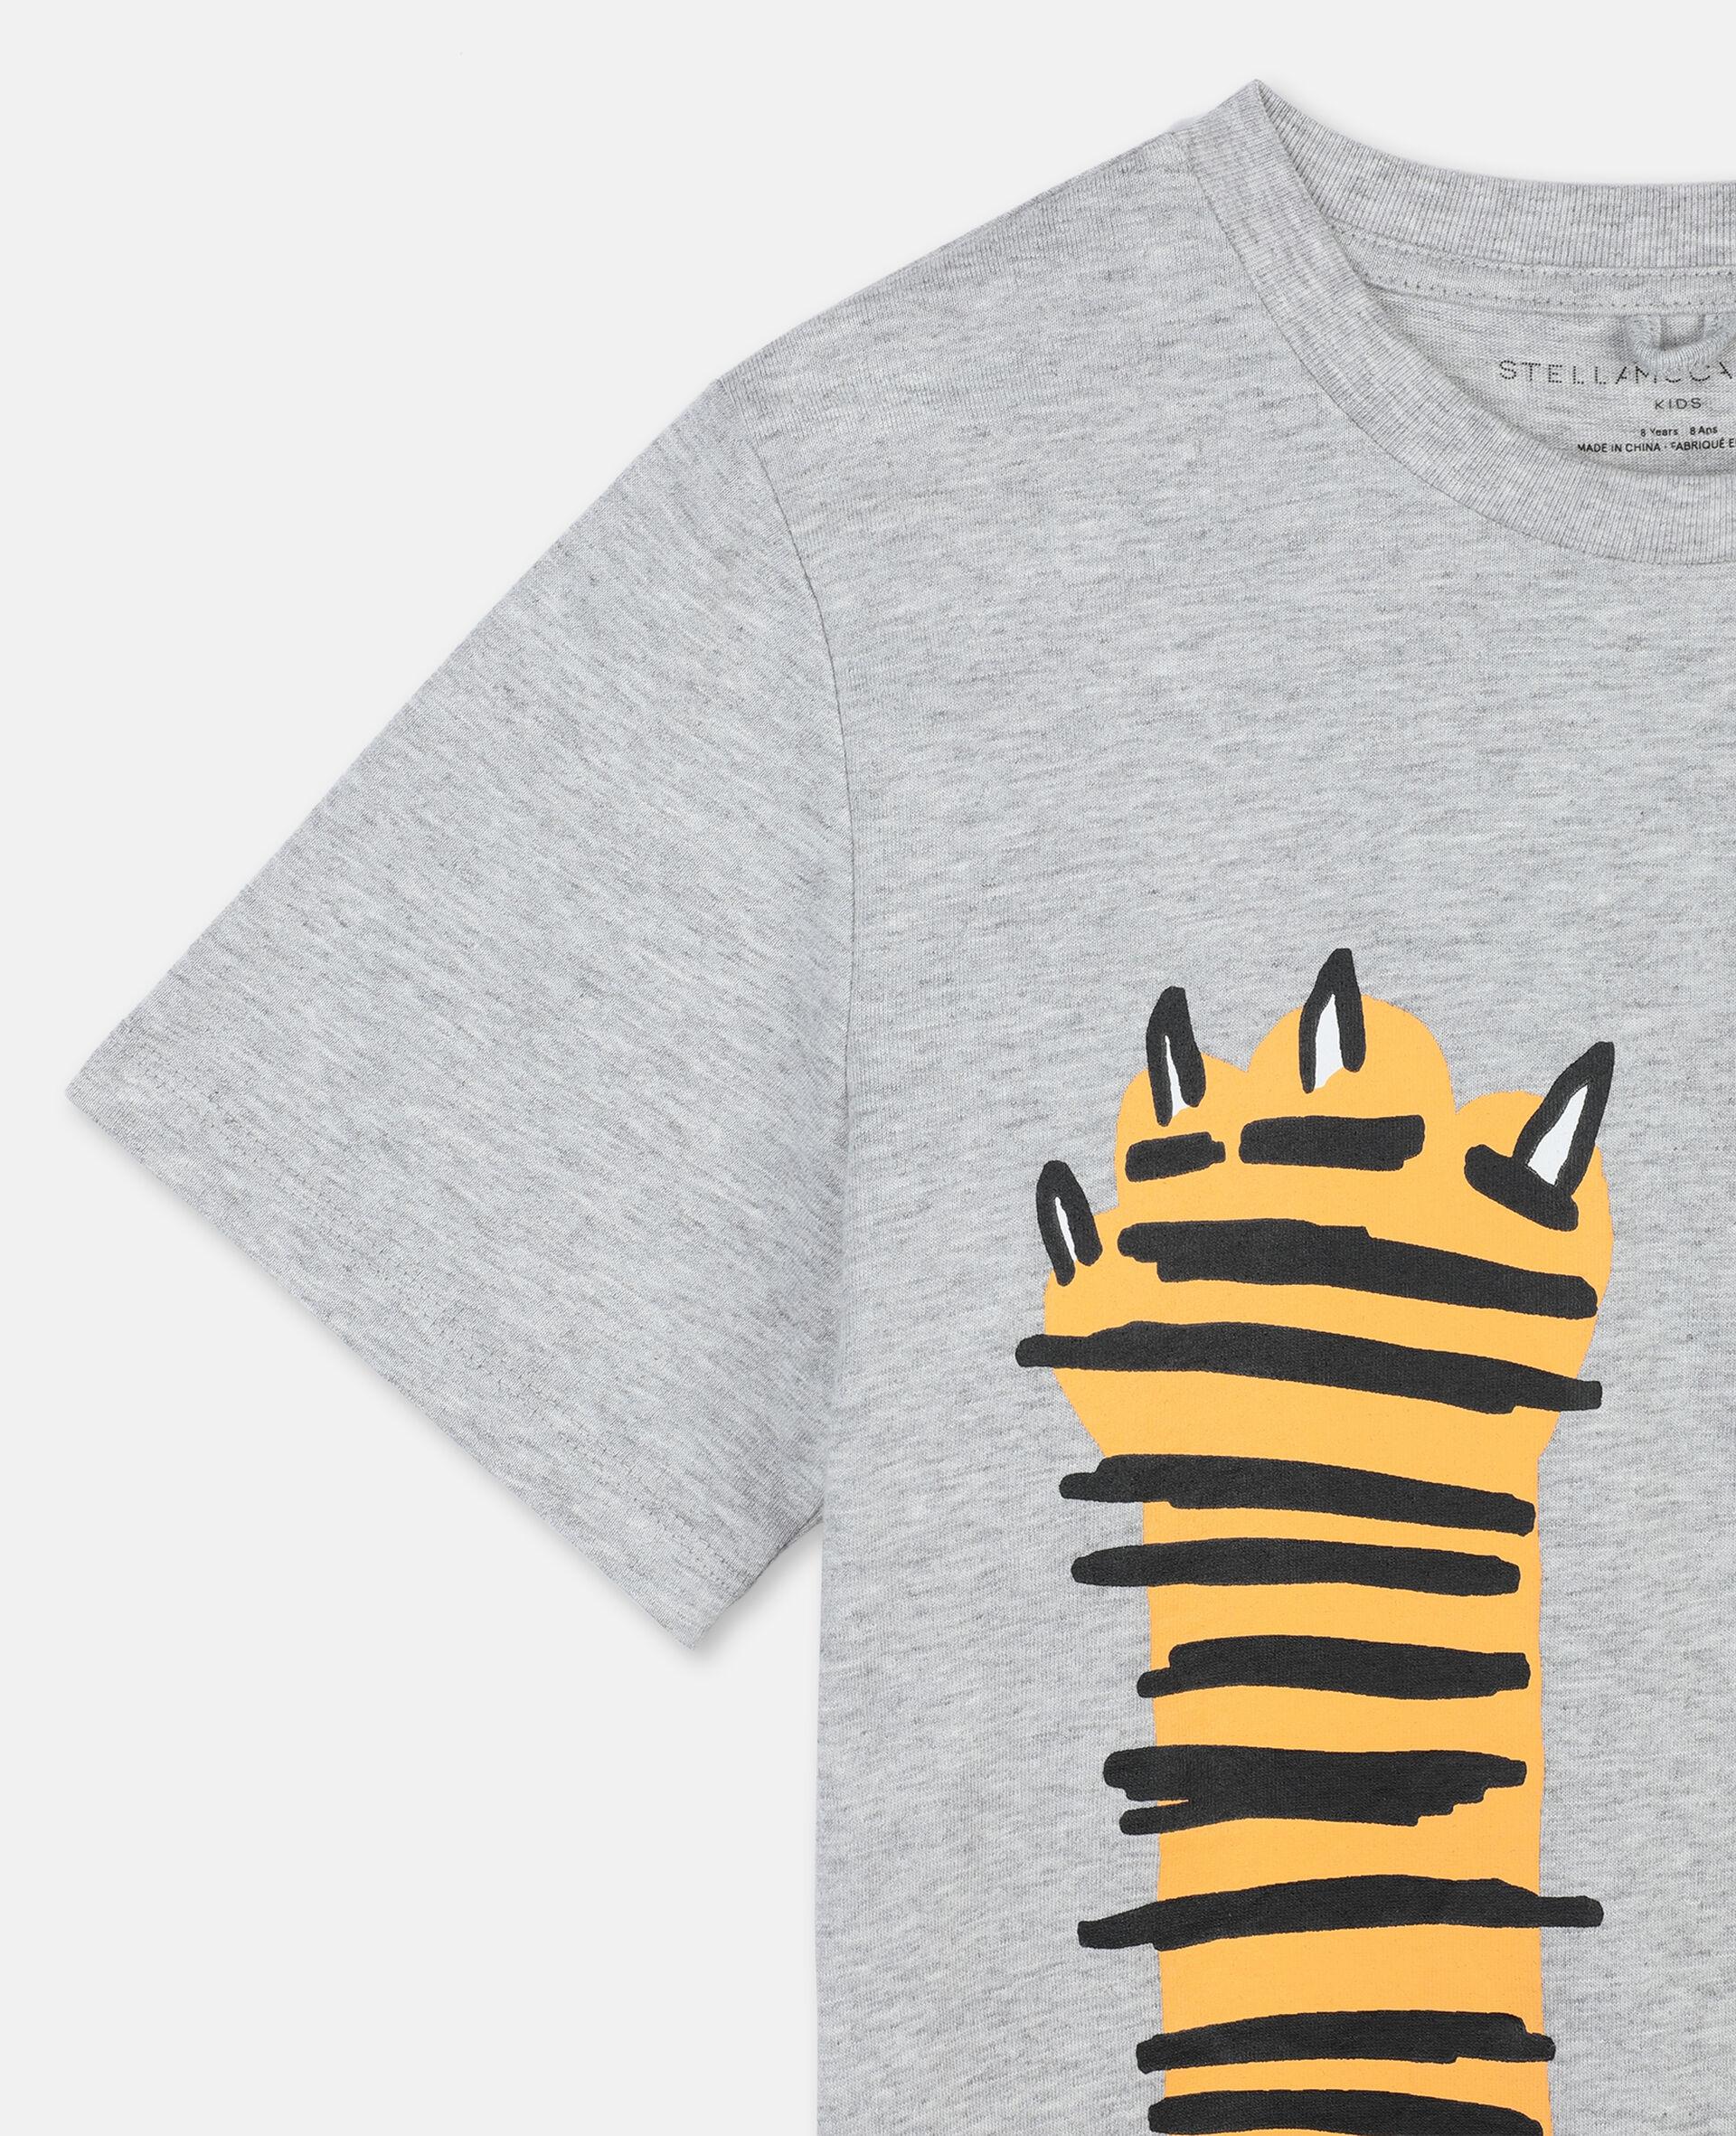 ポーズ アップ コットン Tシャツ -グレー-large image number 2